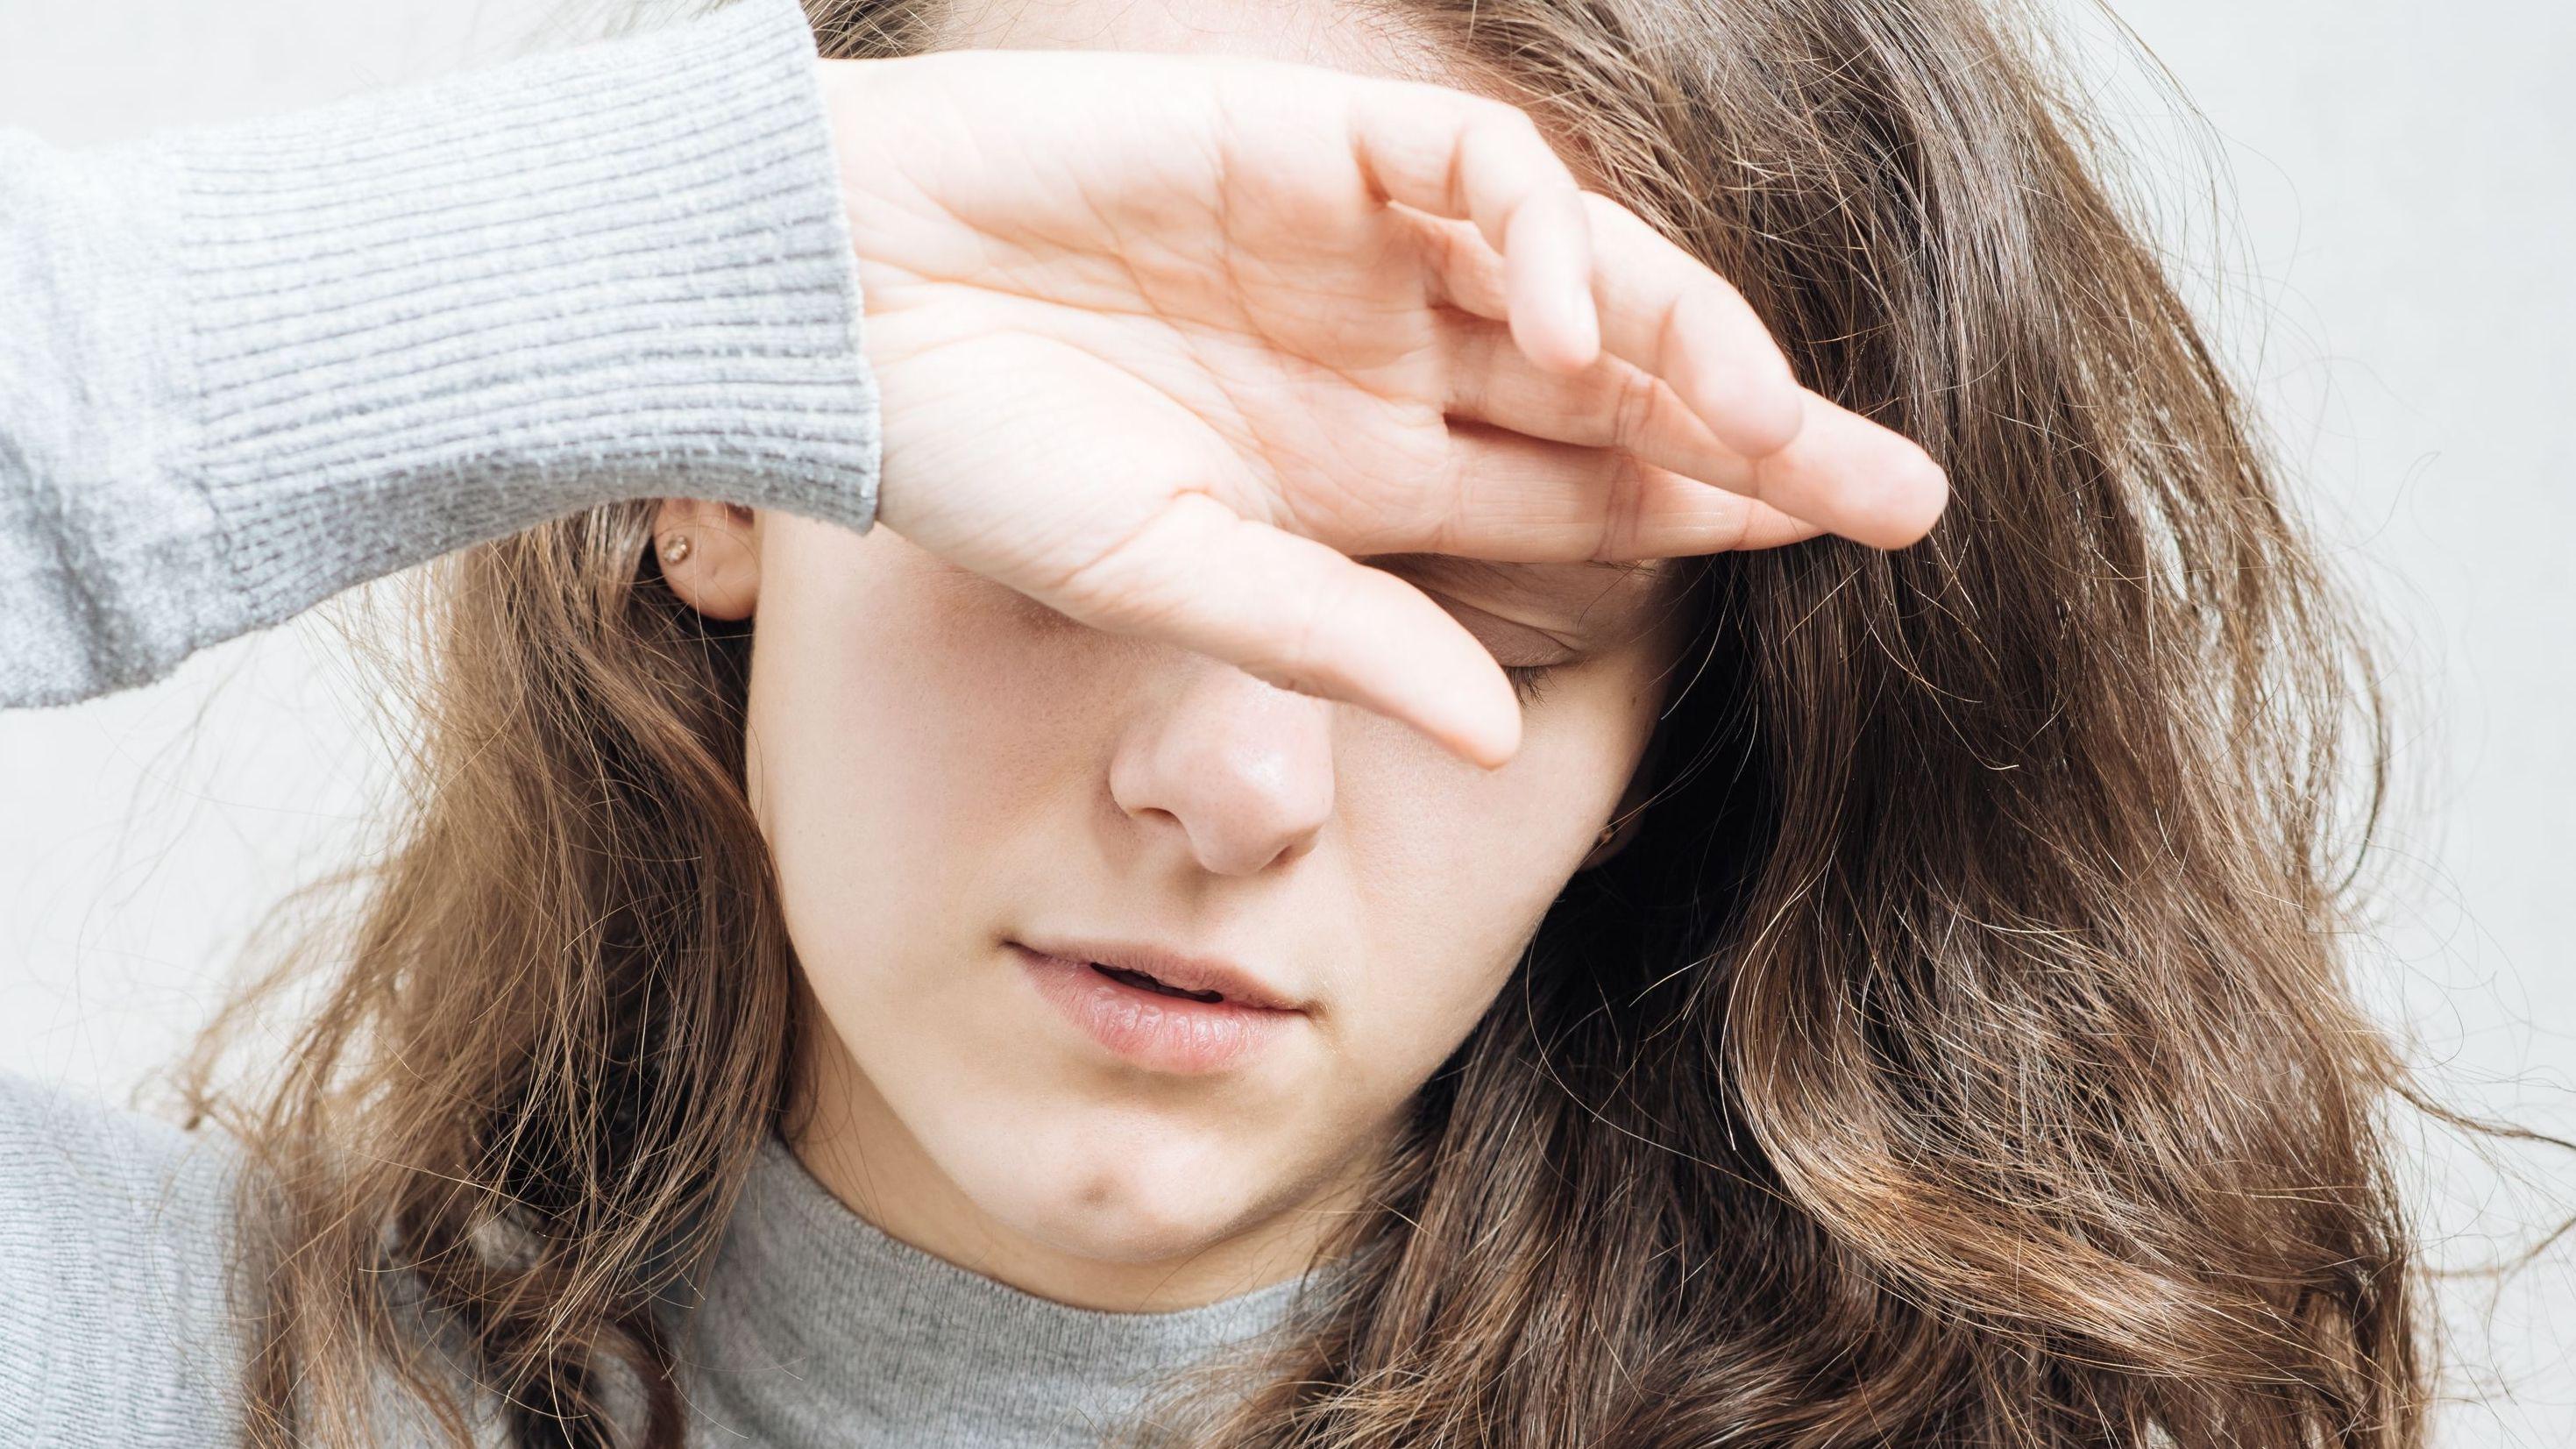 Symbolbild: ME/CFS (Mylagische Enzephalomyelitis), auch bekannt als Chronisches Erschöpfungssyndrom. Eine Frau hält ihren Kopf in den Händen.